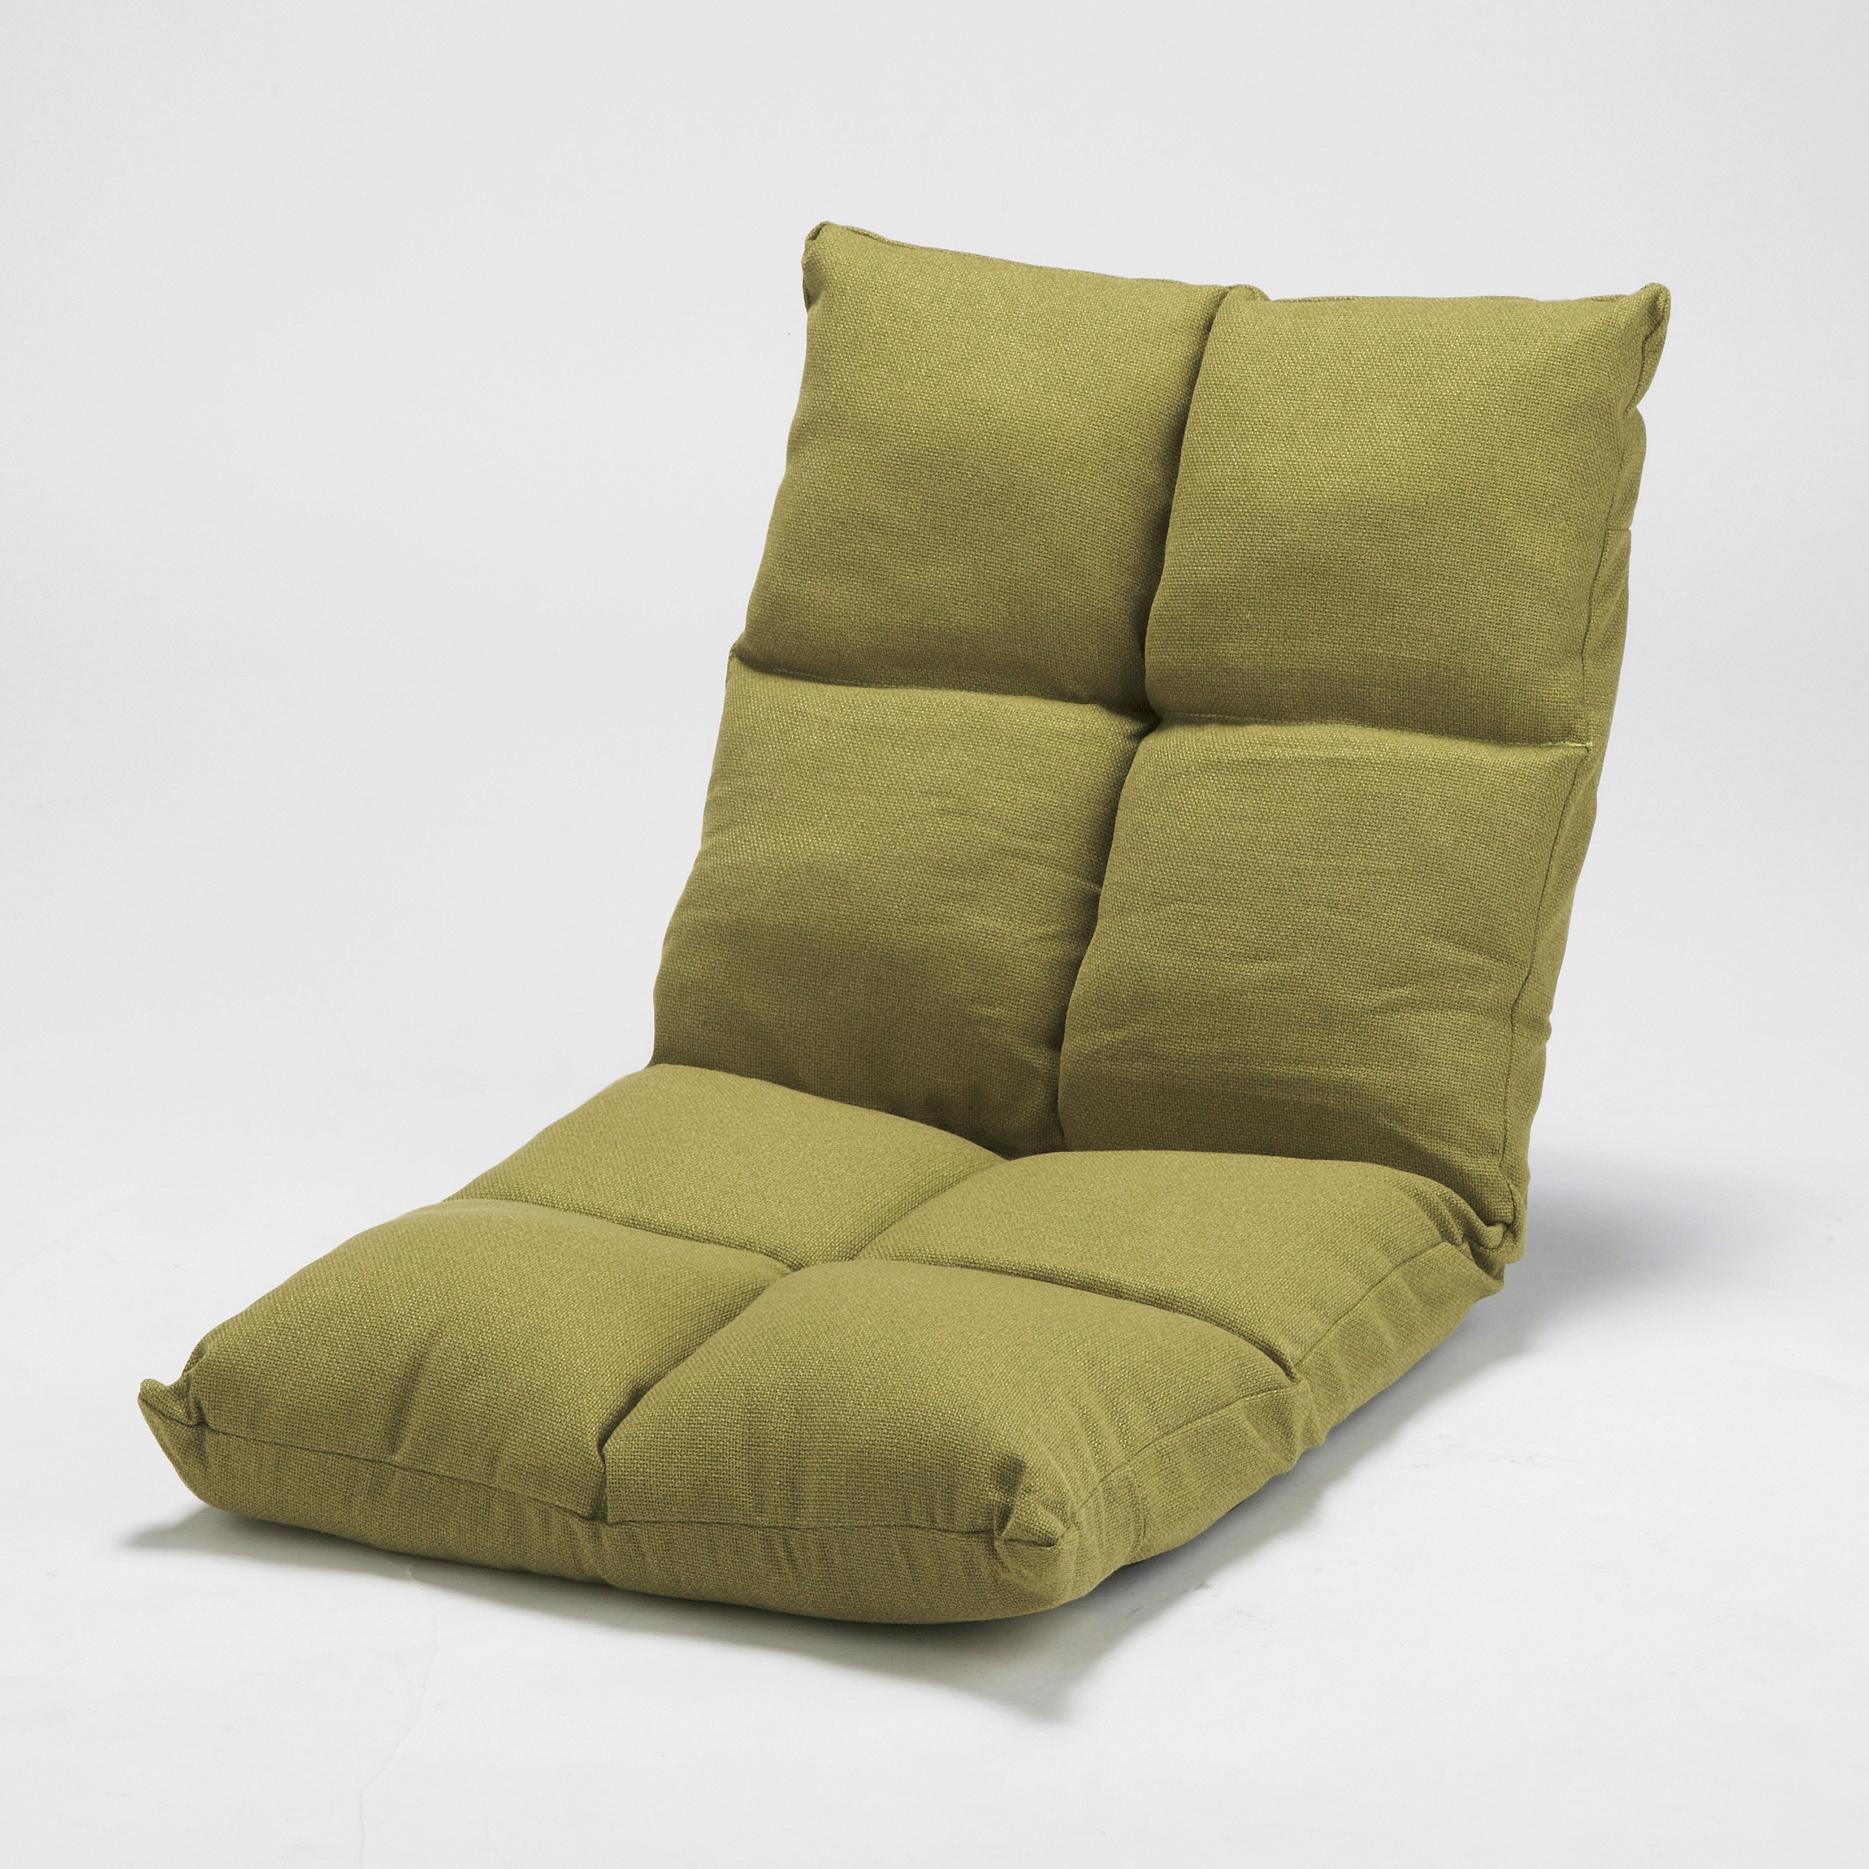 高反発リクライニング座椅子 グリーン